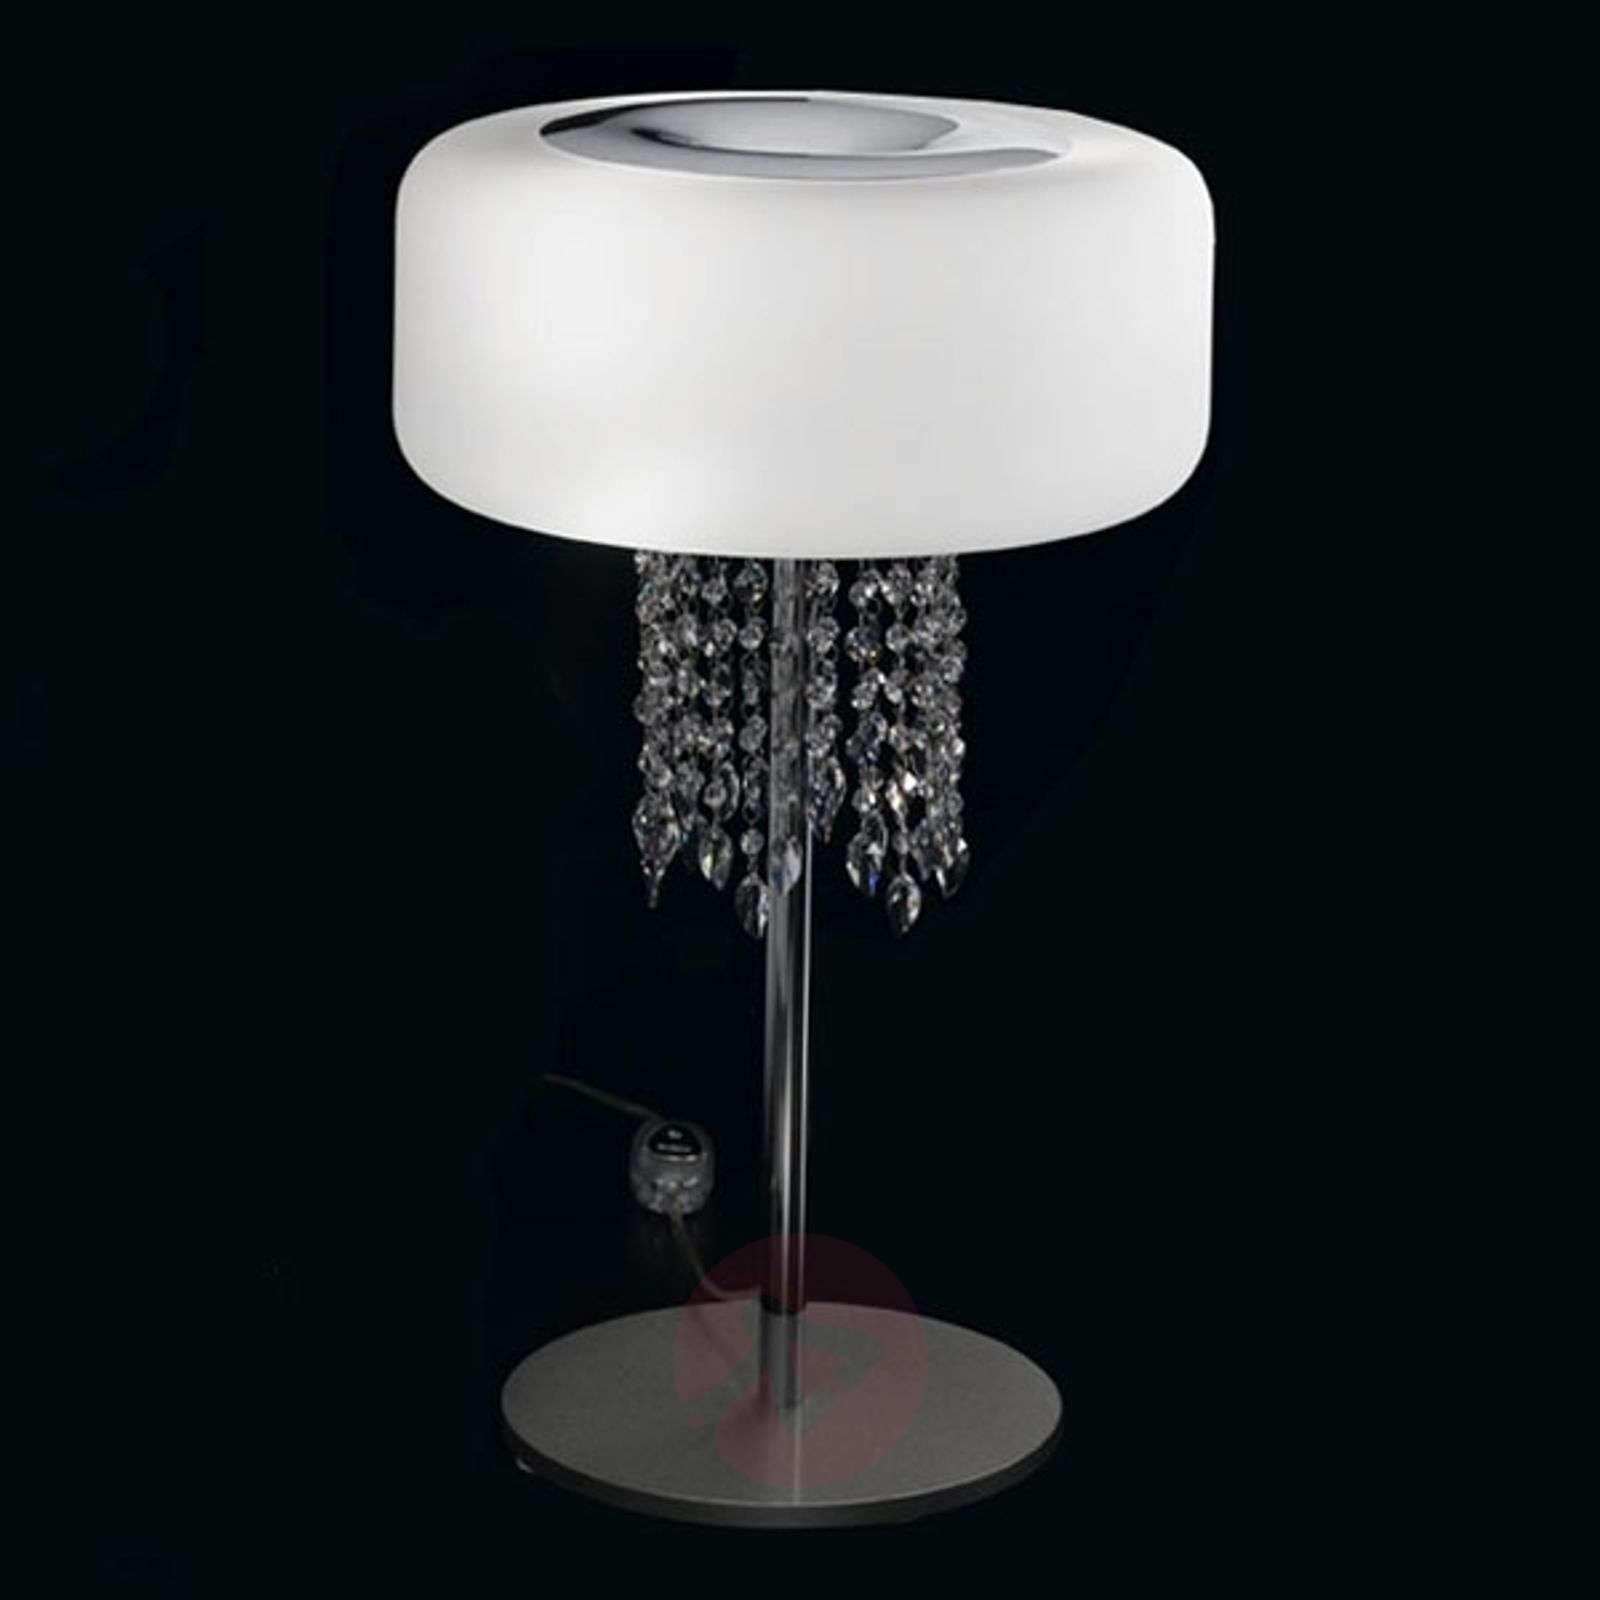 Ainutlaatuinen design-pöytävalaisin Amira, 35cm-5016284-01